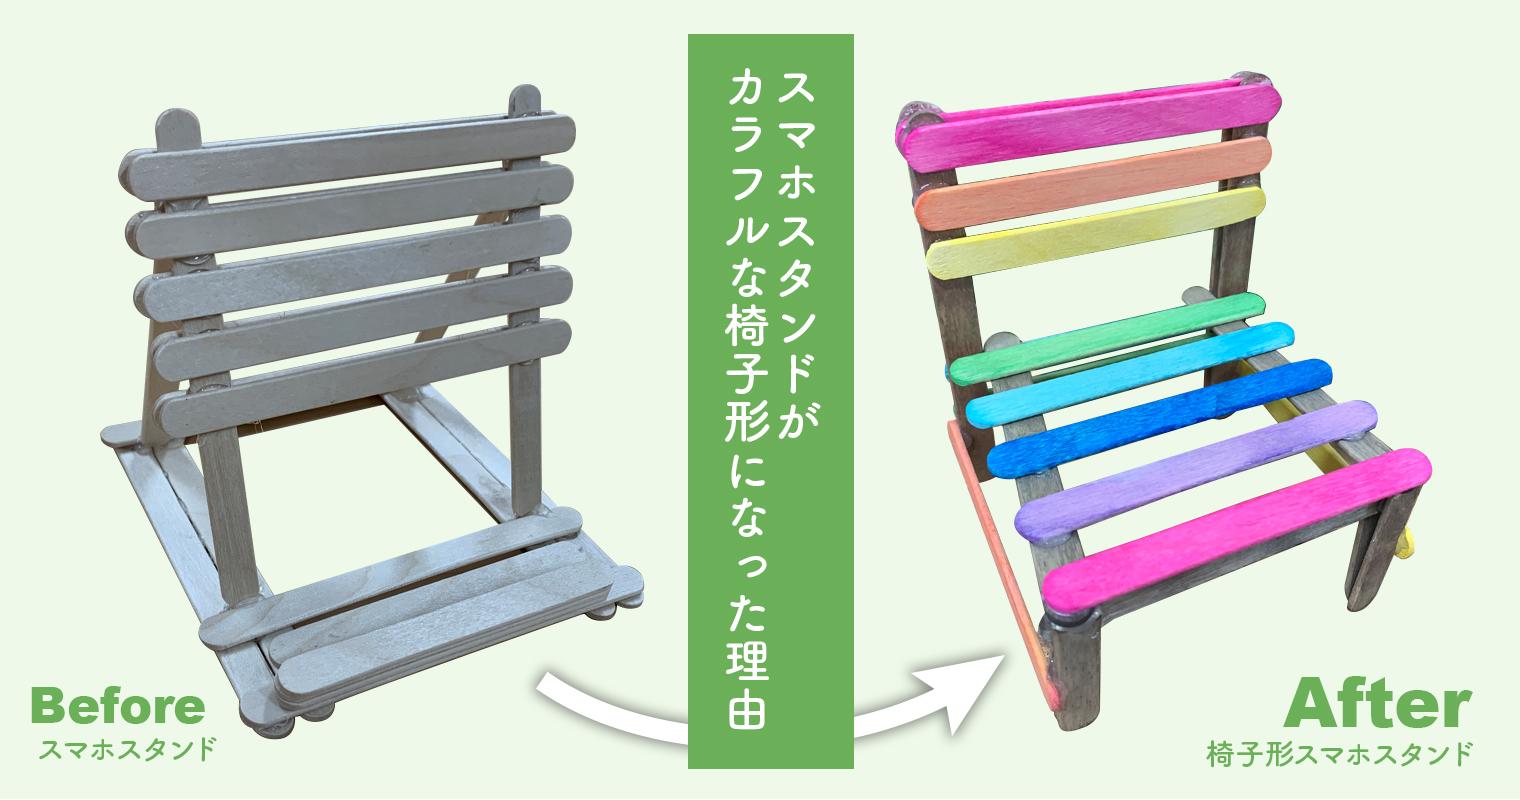 スマホスタンドがカラフルな椅子形になった理由【キッズワークショップ裏話】